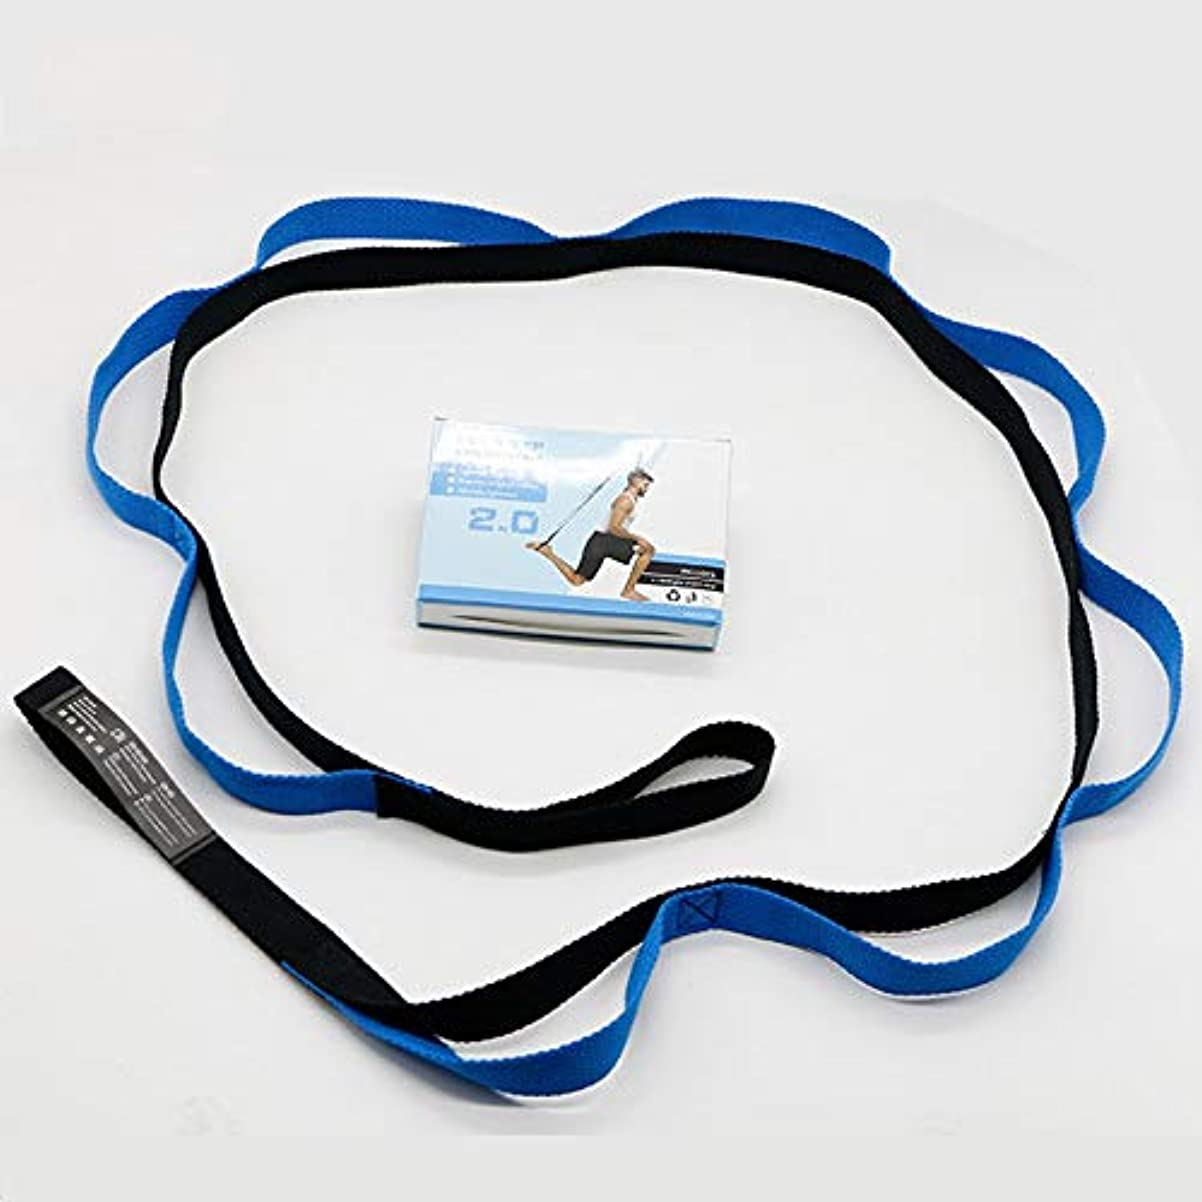 段階派手鯨フィットネスエクササイズジムヨガストレッチアウトストラップ弾性ベルトウエストレッグアームエクステンションストラップベルトスポーツユニセックストレーニングベルトバンド - ブルー&ブラック